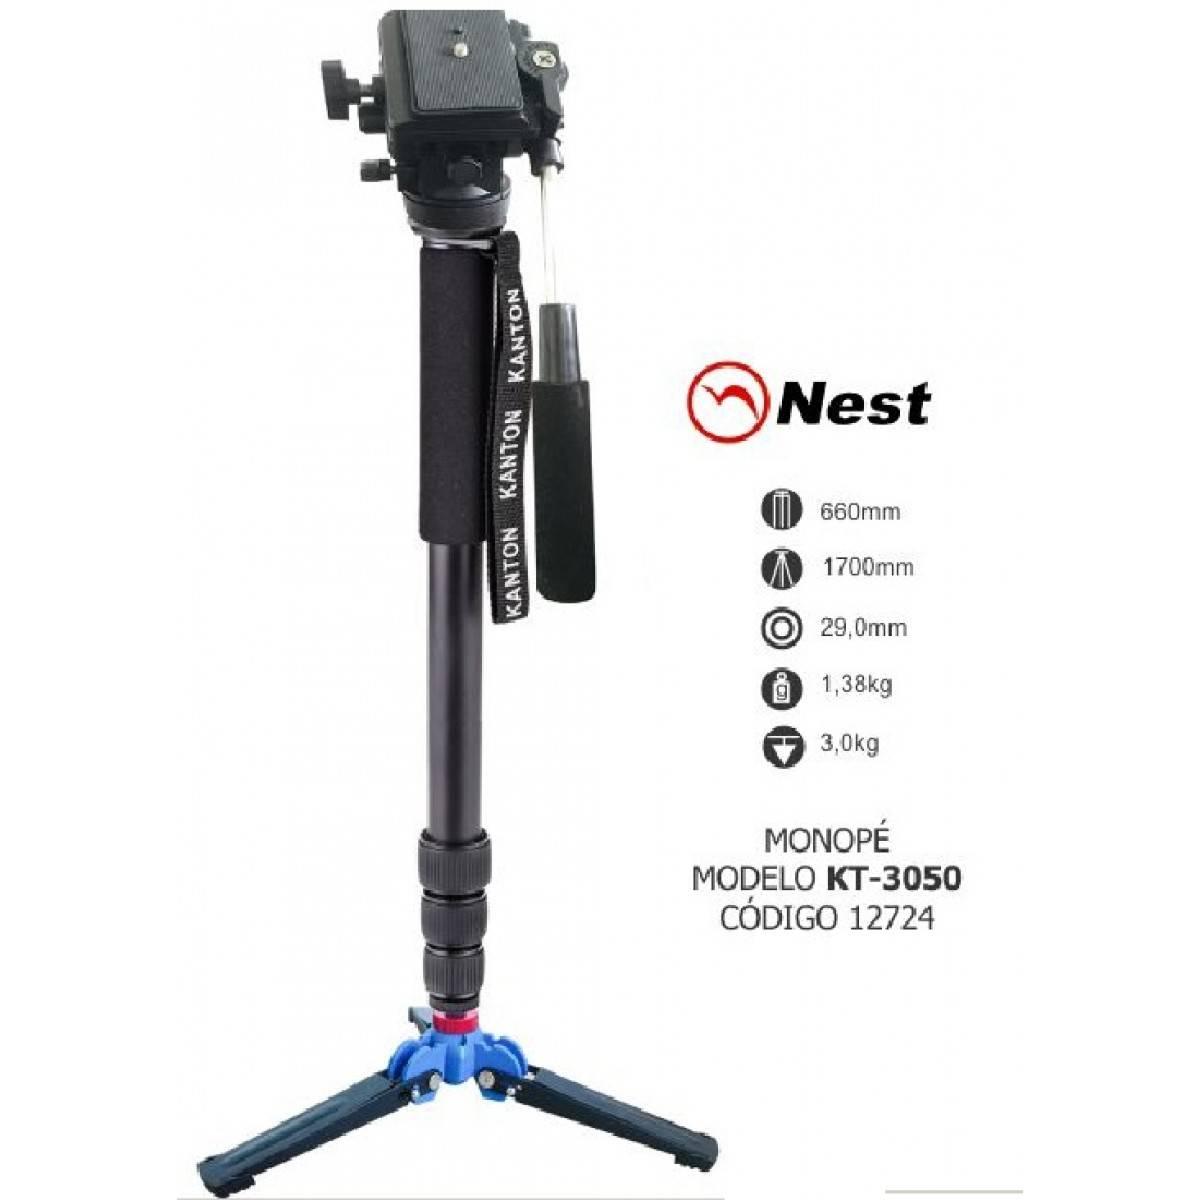 Monopé Nest Para Câmera Fotográfica E Filmadora - KT-3050